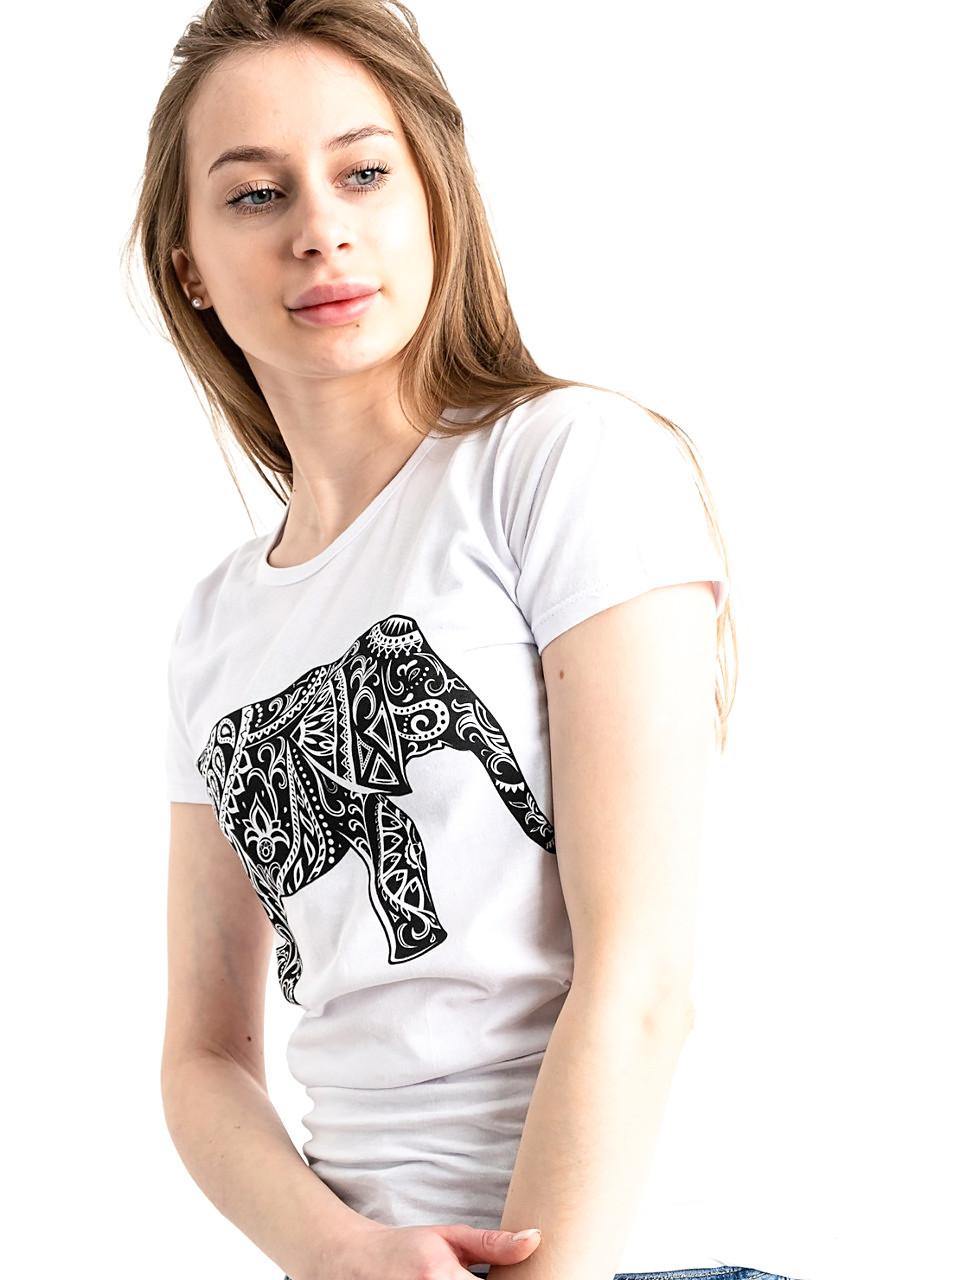 Трендовая футболка со слоном 46